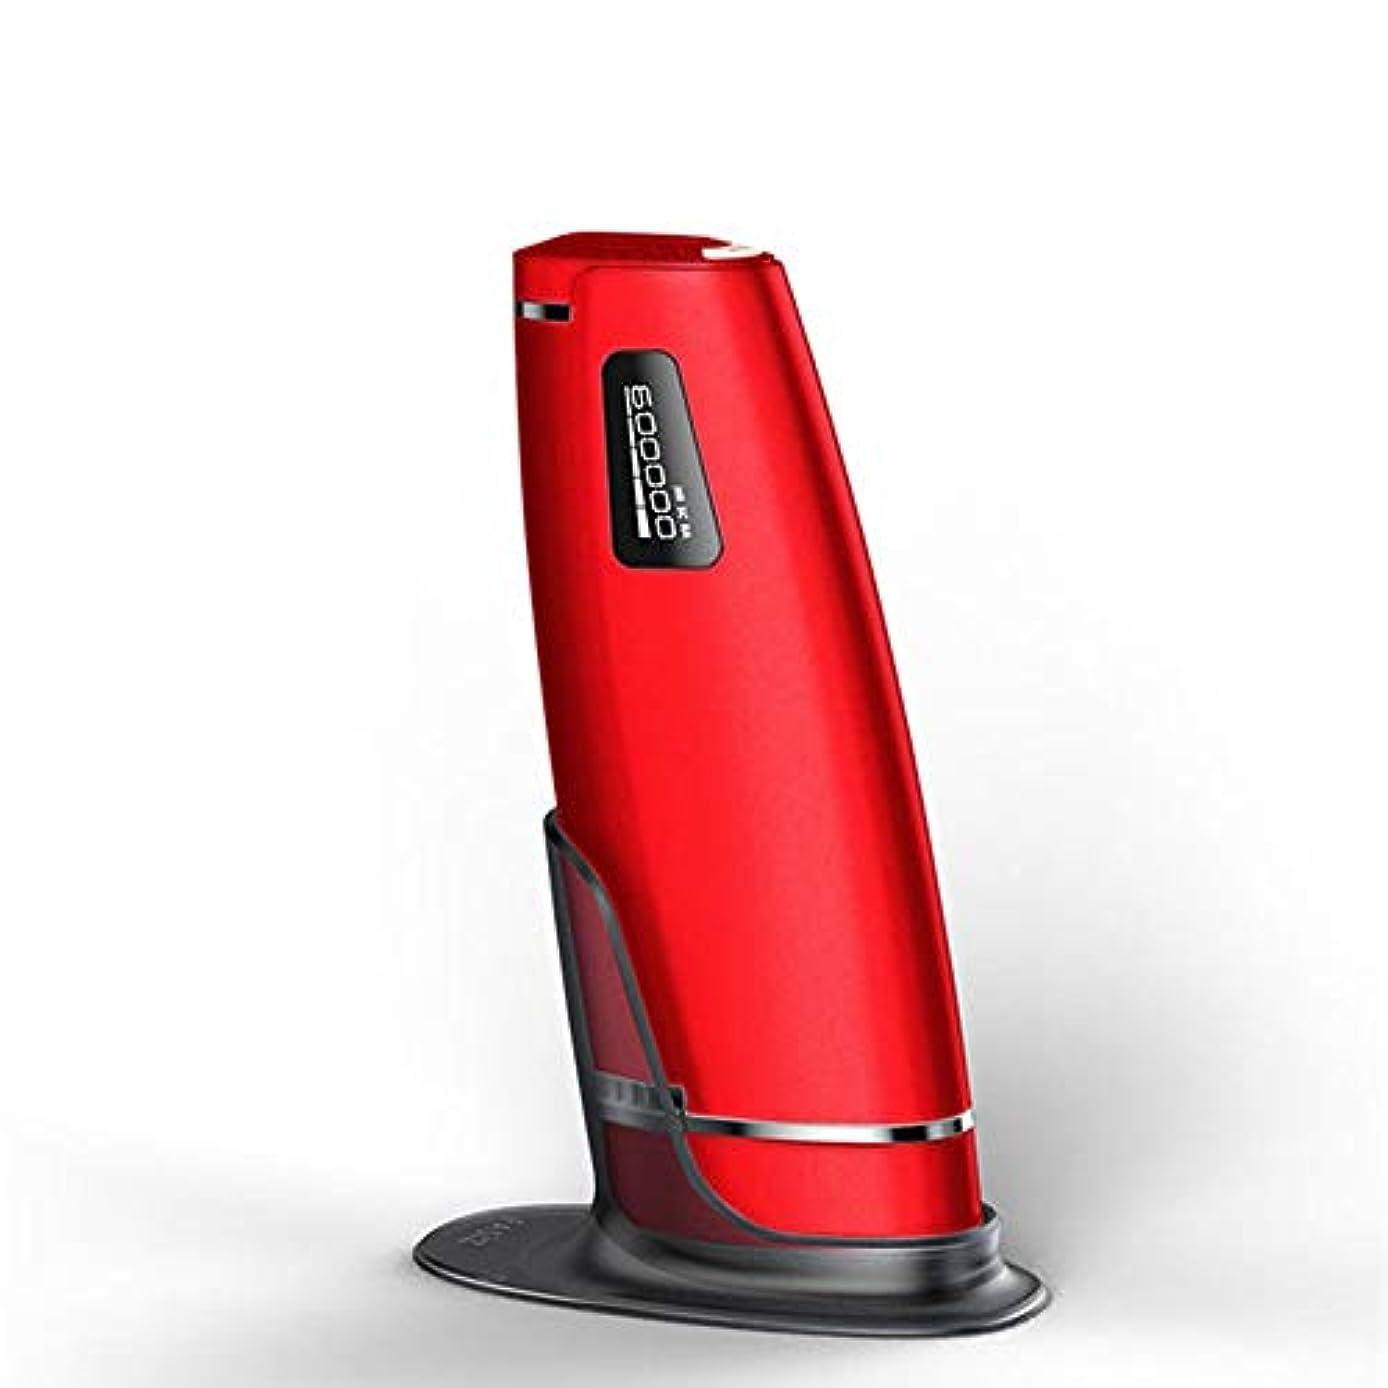 流だらしないバイオリニストダパイ 赤、デュアルモード、ホームオートマチック無痛脱毛剤、携帯用永久脱毛剤、5スピード調整、サイズ20.5 X 4.5 X 7 Cm U546 (Color : Red)